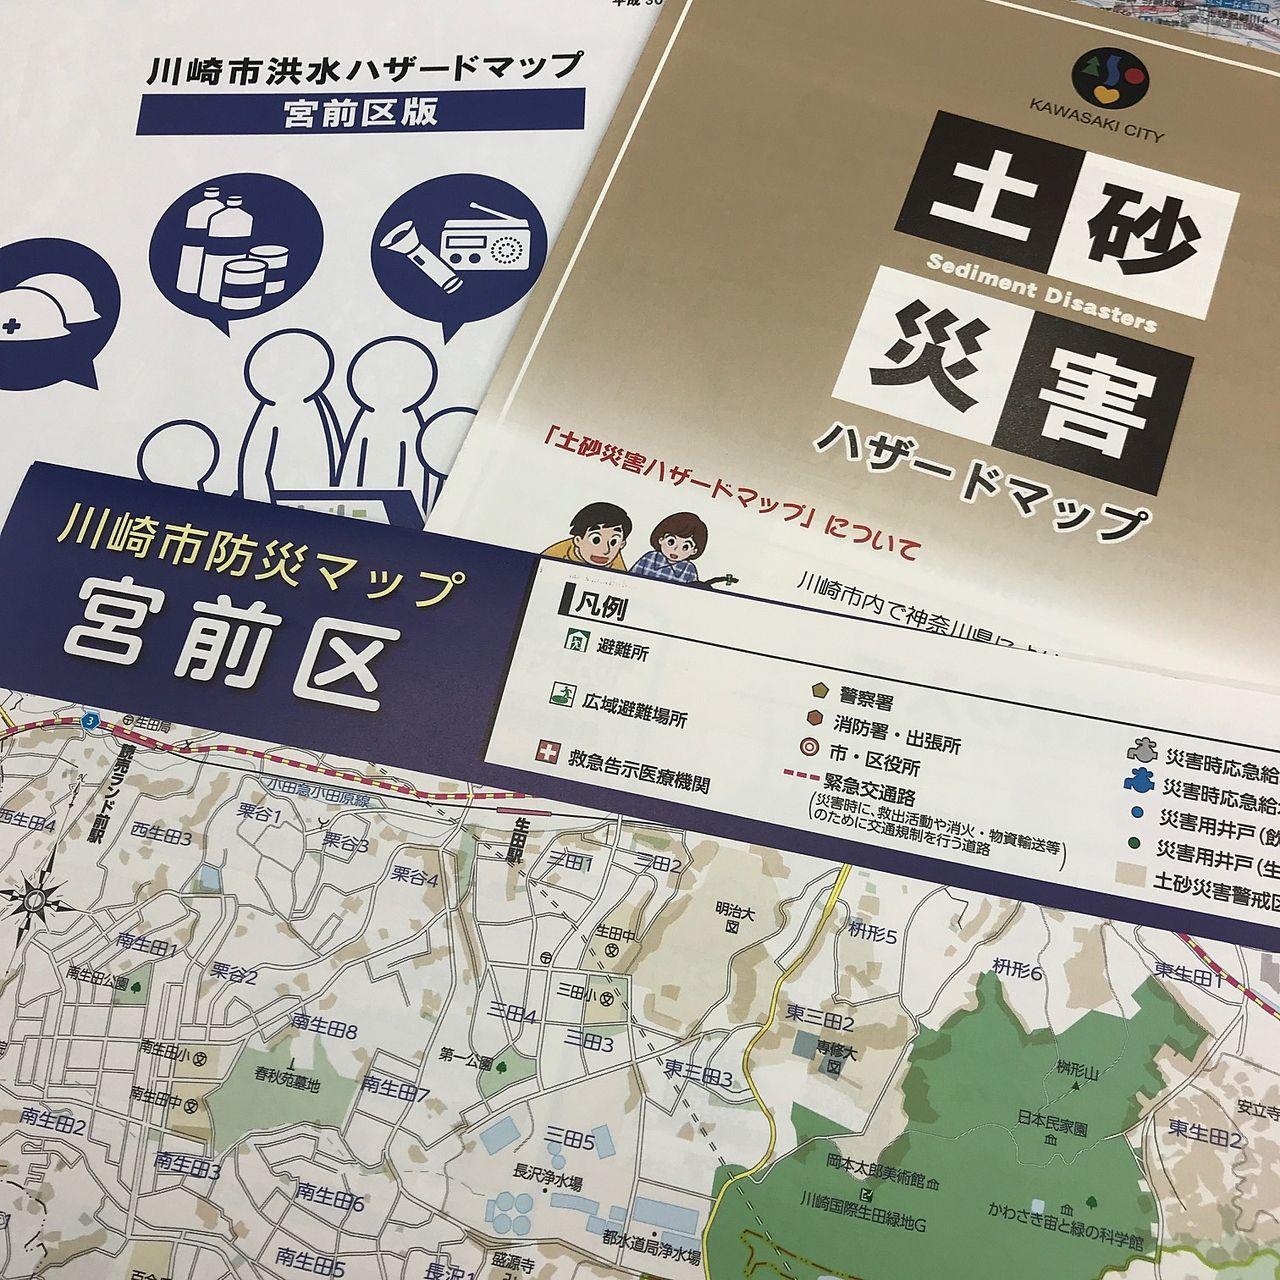 あなたの街にはありますでしょうか?宮前区にはあります、各種ハザードマップ。先日の記事で紹介した鷺沼行政サービスコーナーでも写真のようなハザードマップがもらえます。